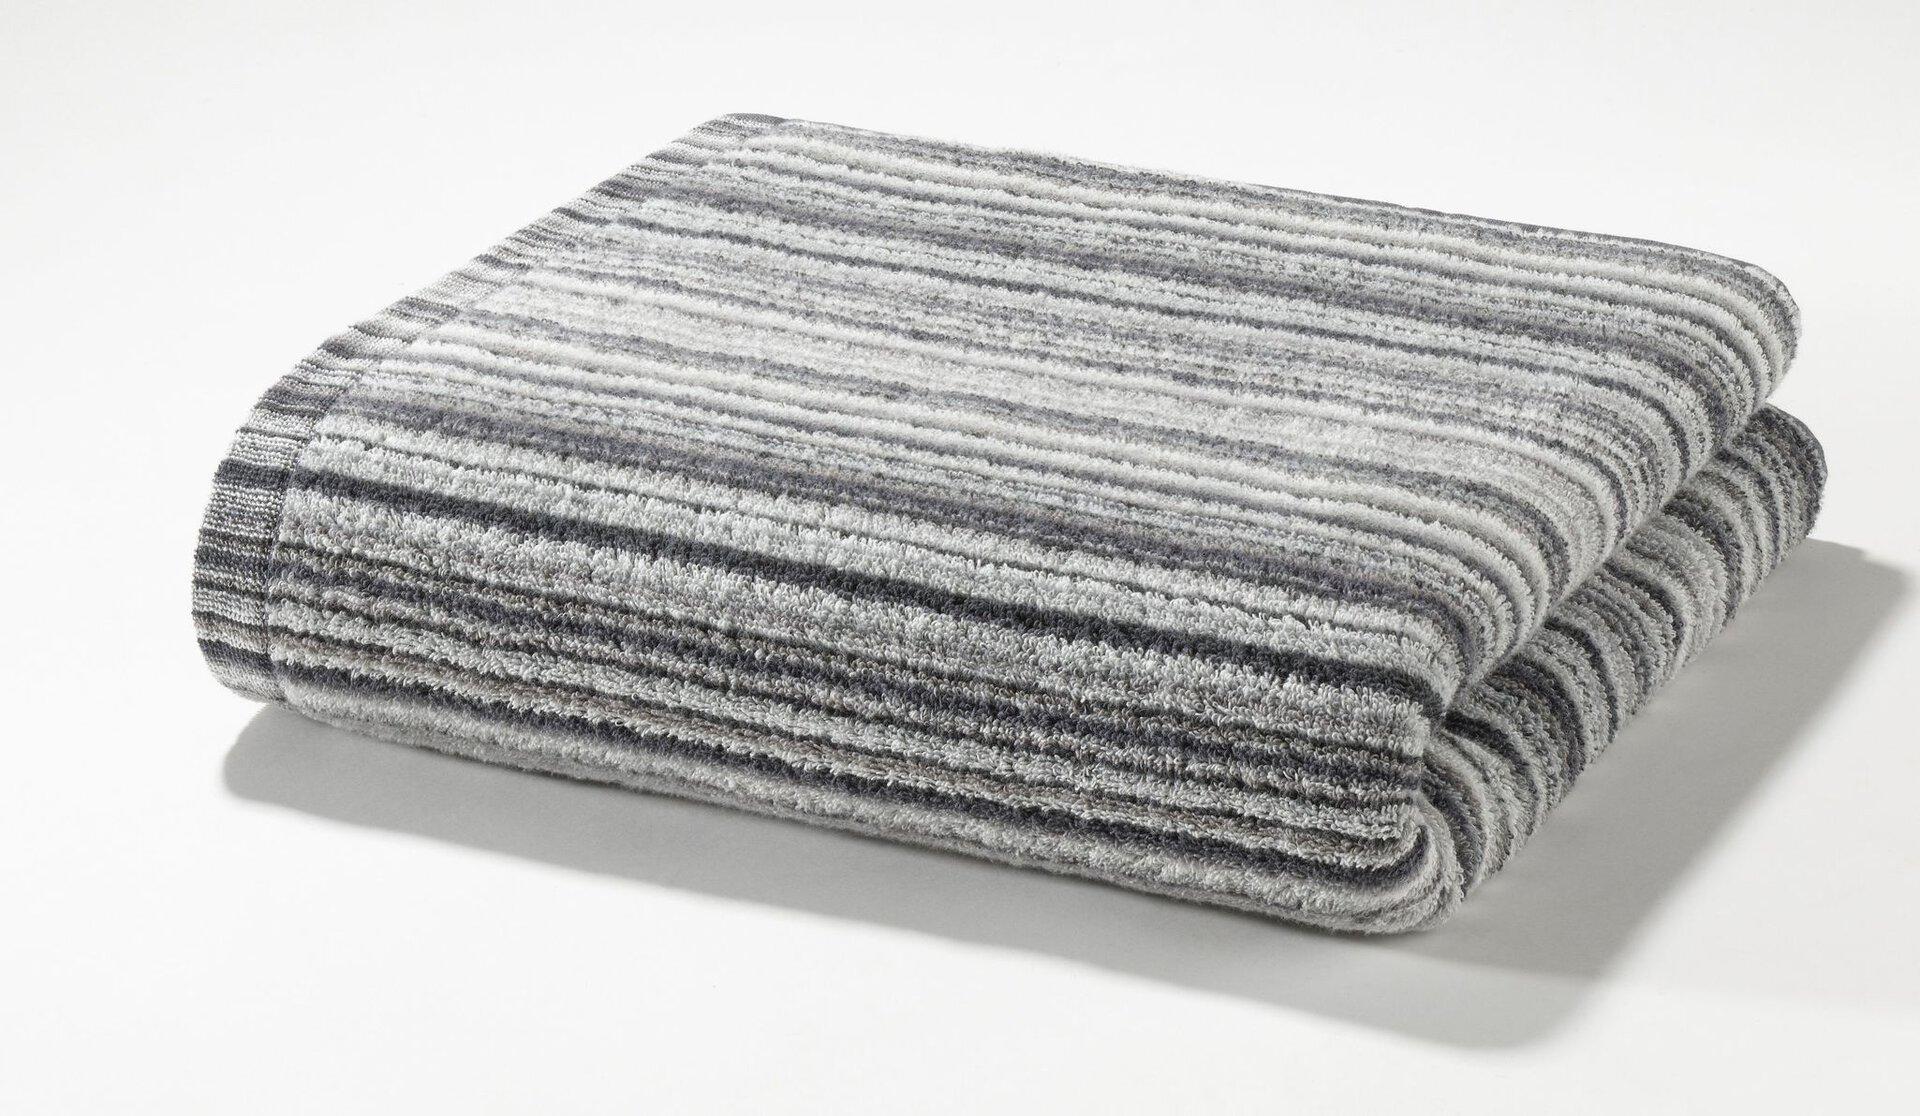 Duschtuch Autumnstripes Casa Nova Textil silber